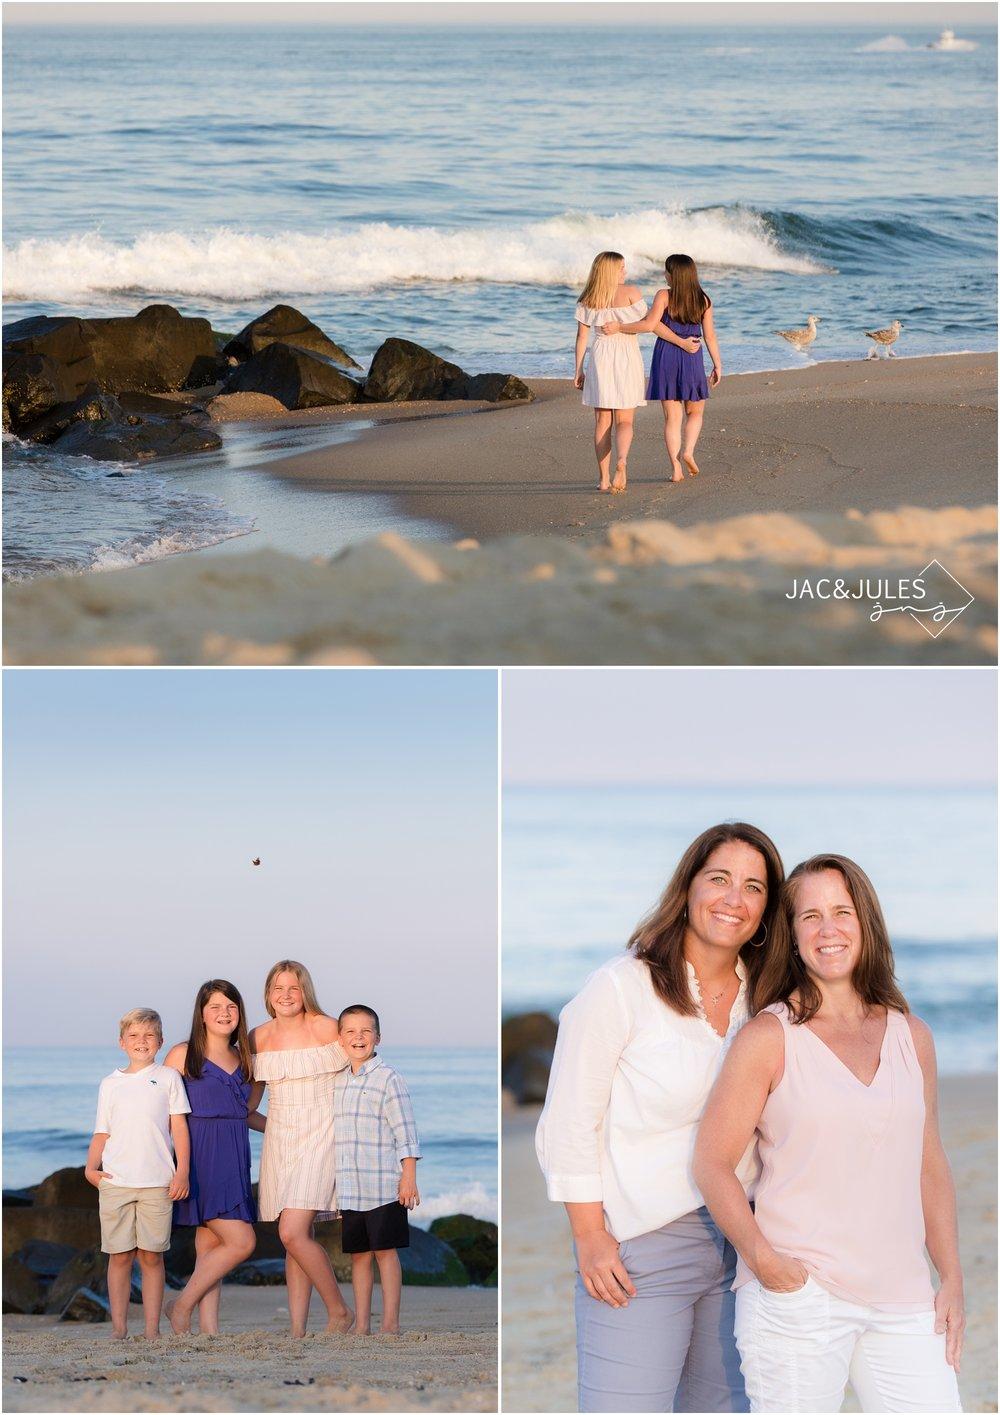 awesome family photos on the beach in Sea Girt, NJ